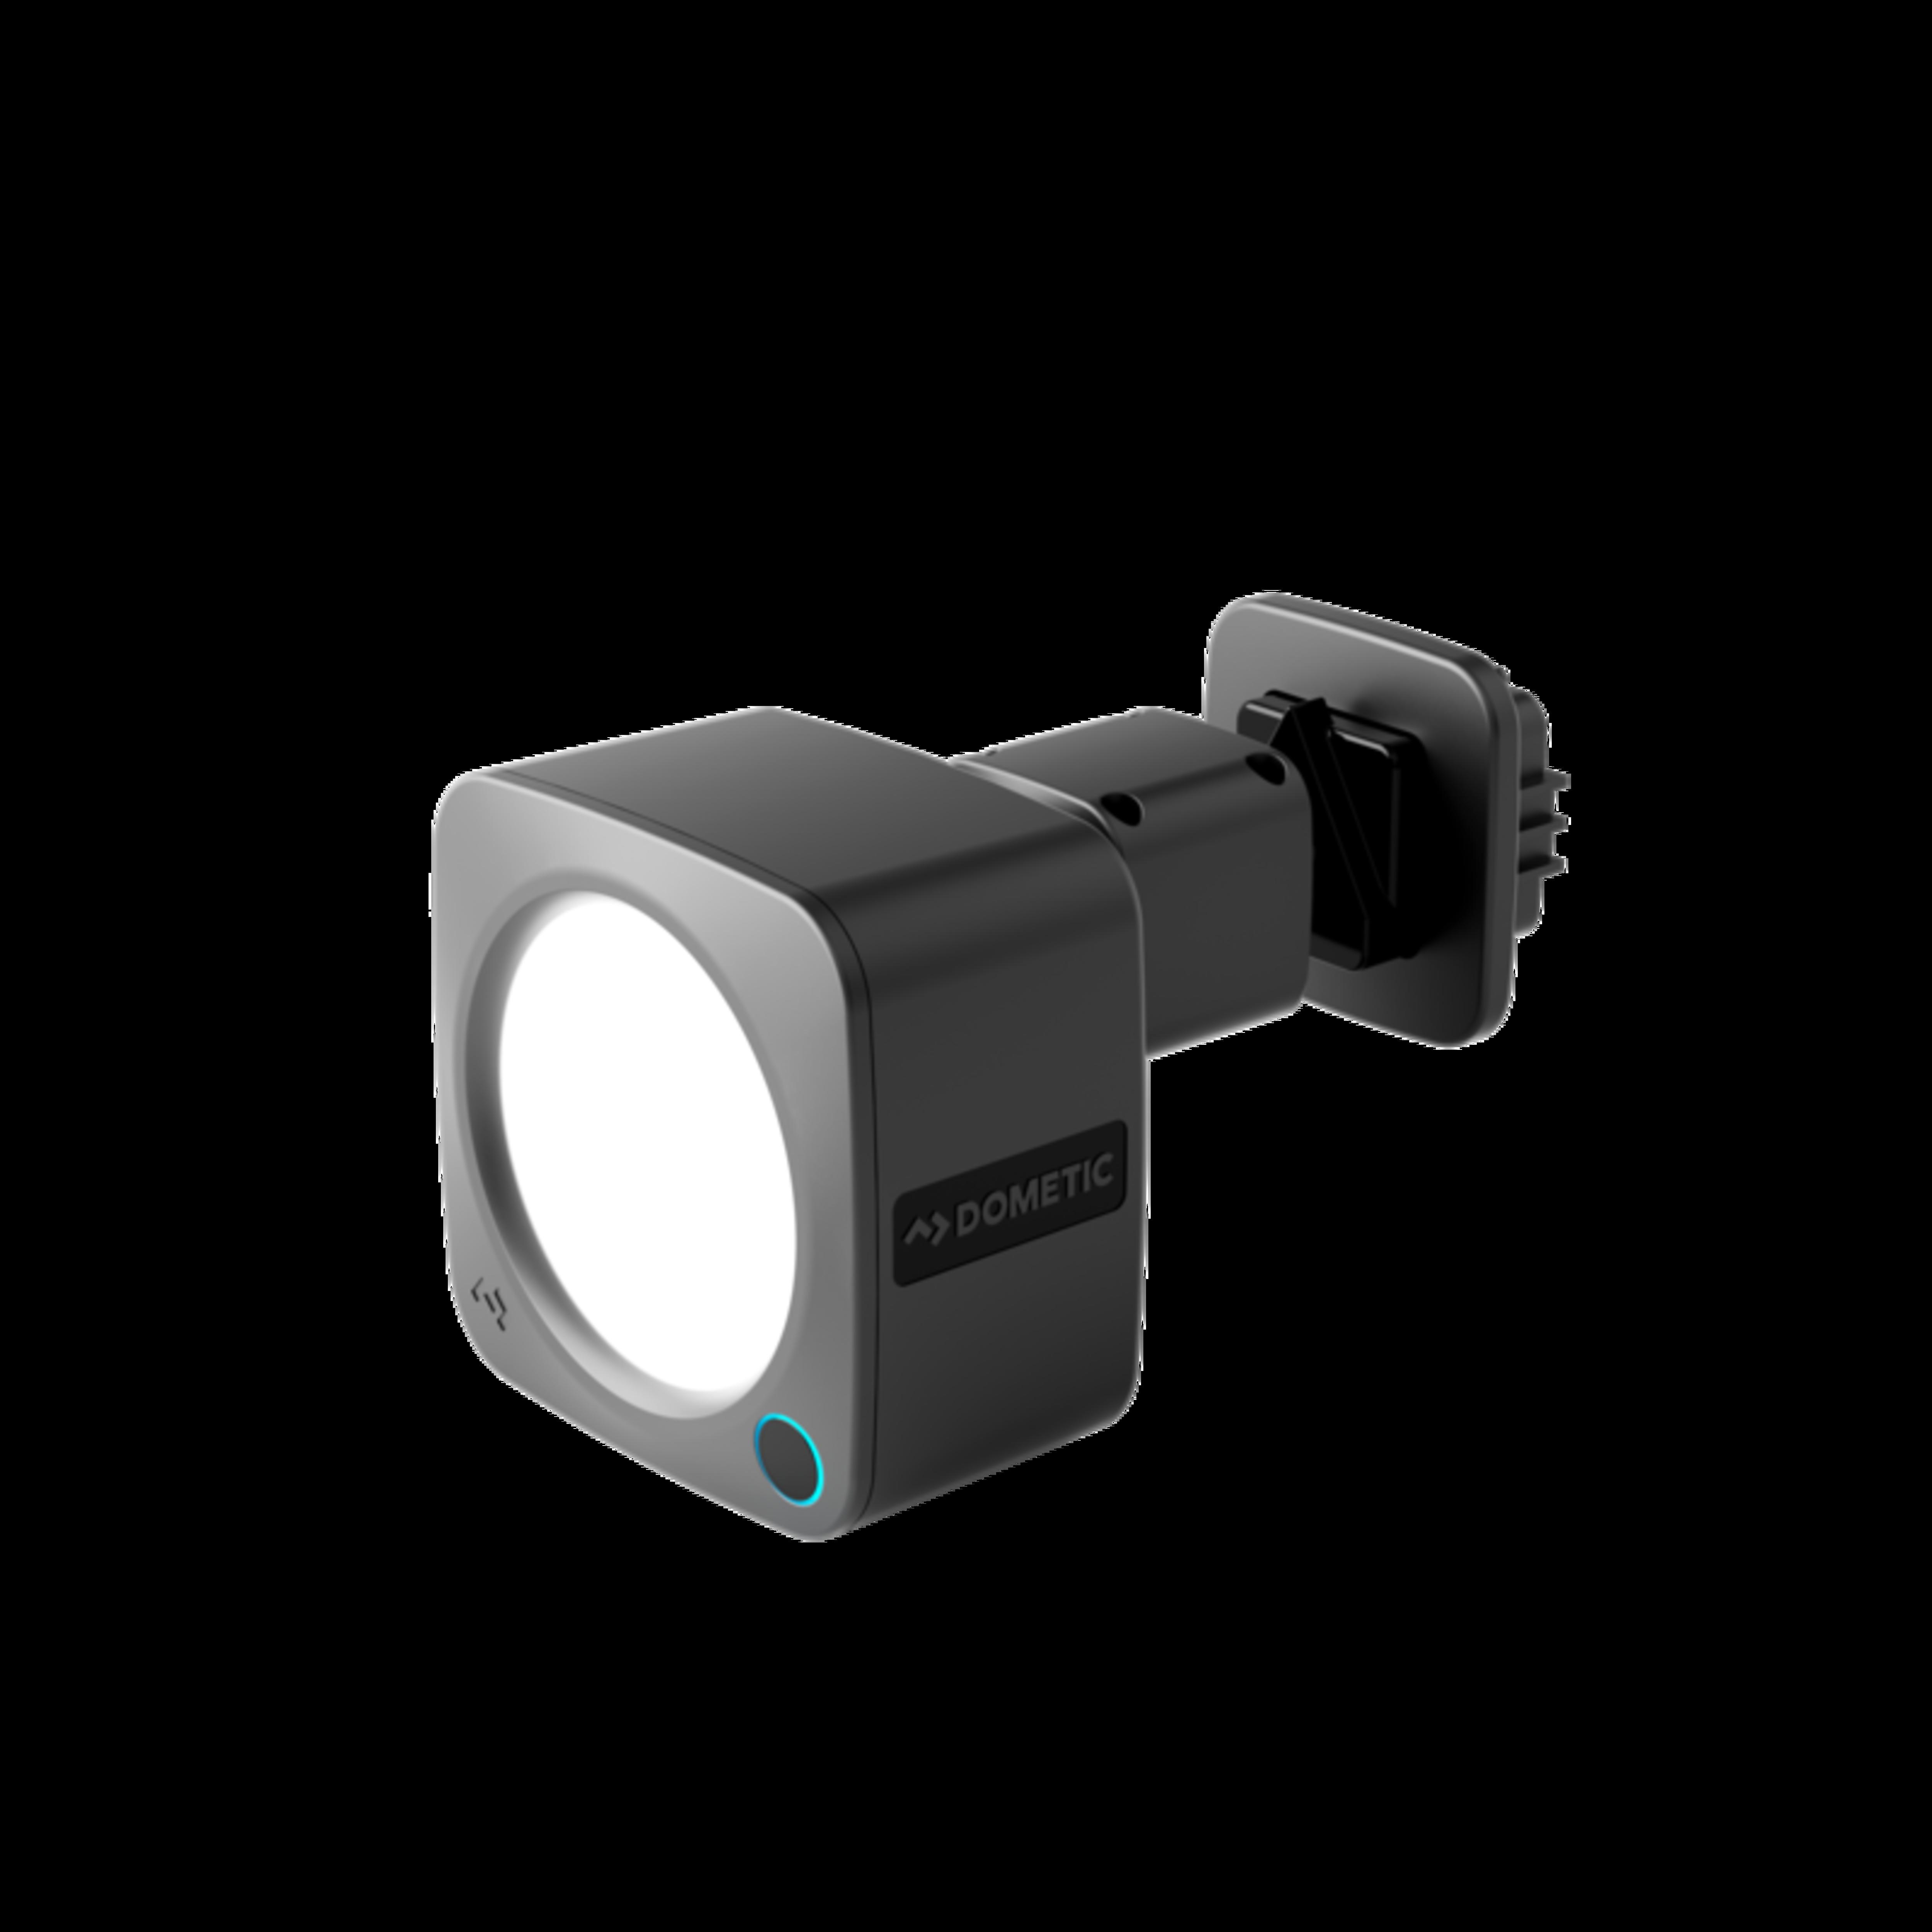 Dometic PowerChannel Spotlight